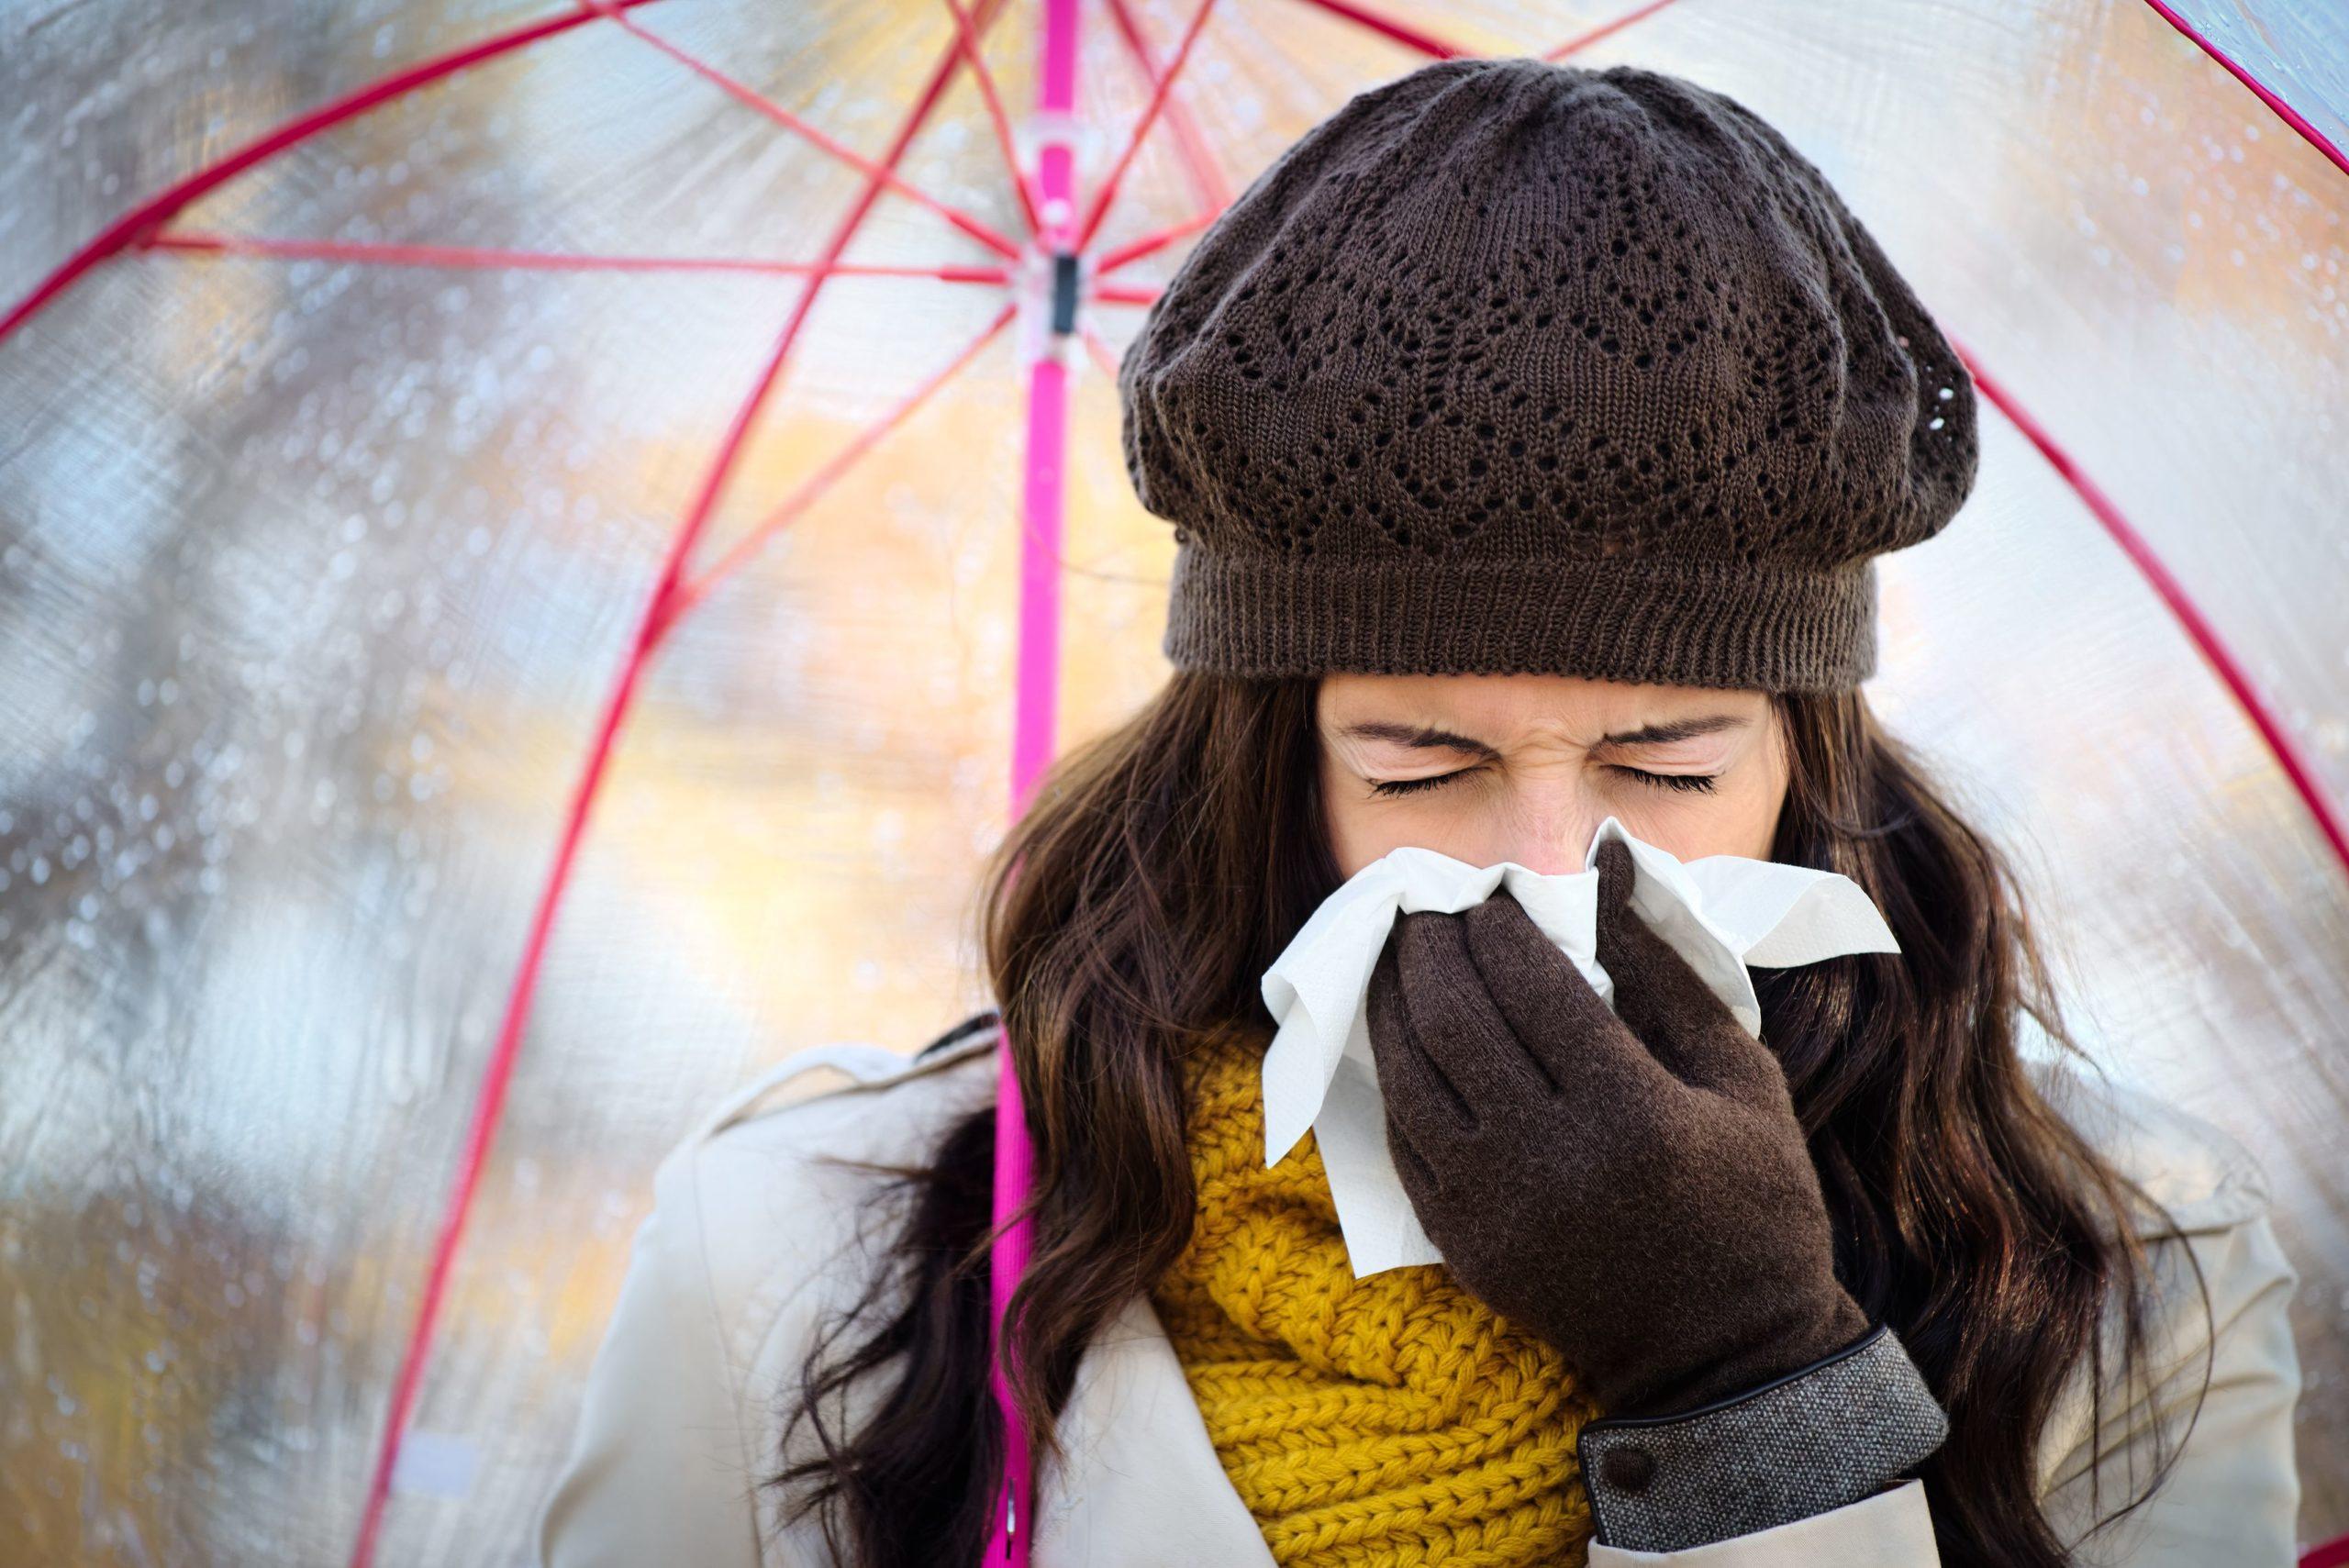 Una joven de 30 años, primera víctima mortal por gripe en la Región esta temporada